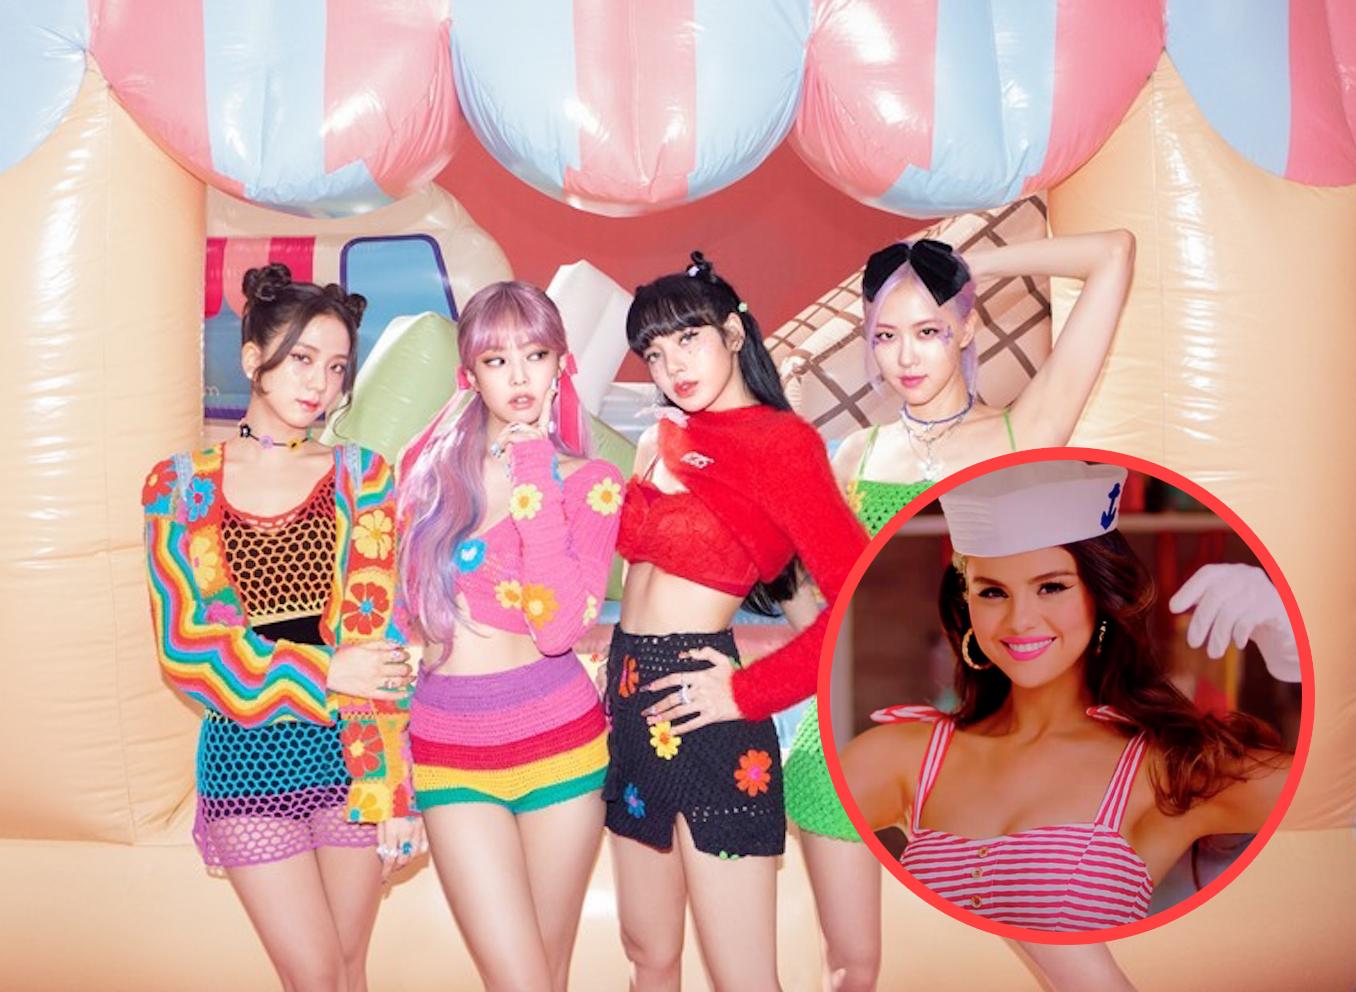 BLACKPINK e Selena Gomez estão prontas para curtir o verão em Ice Cream! |  Capricho